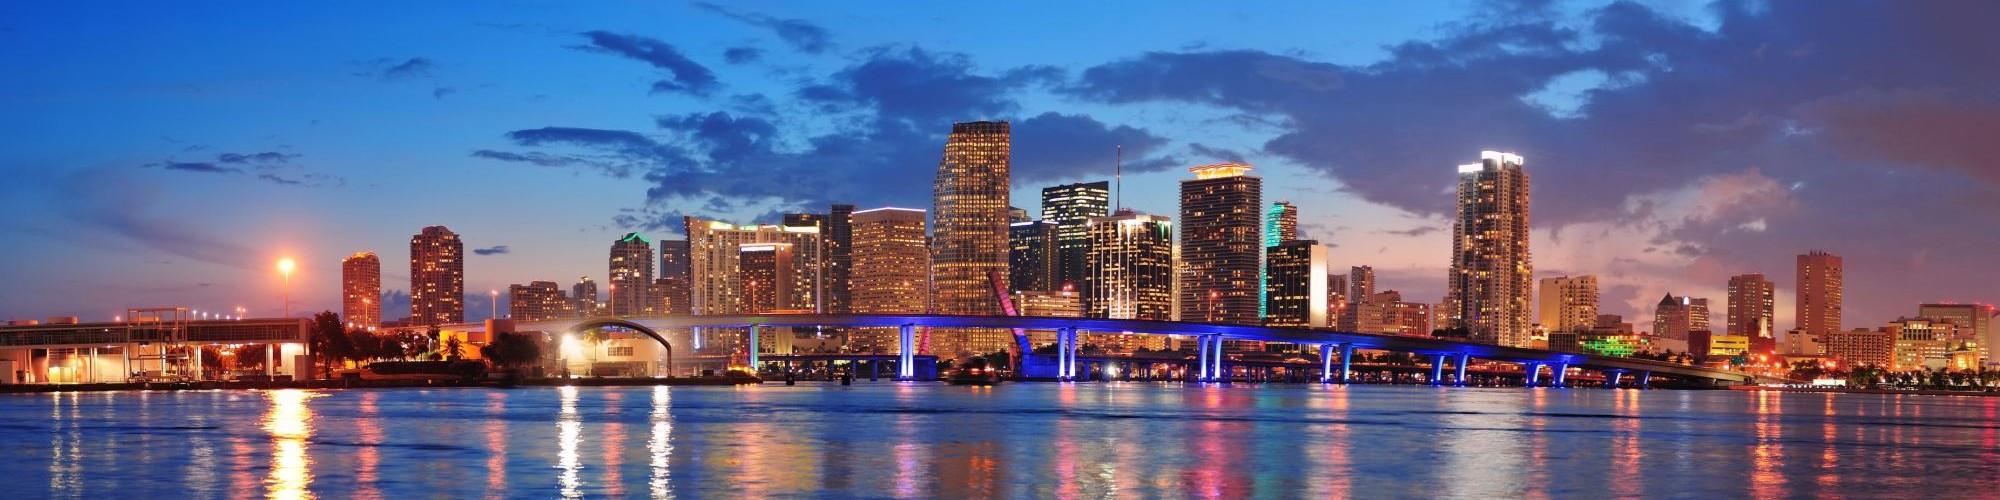 Miami-Slider1-2000x500